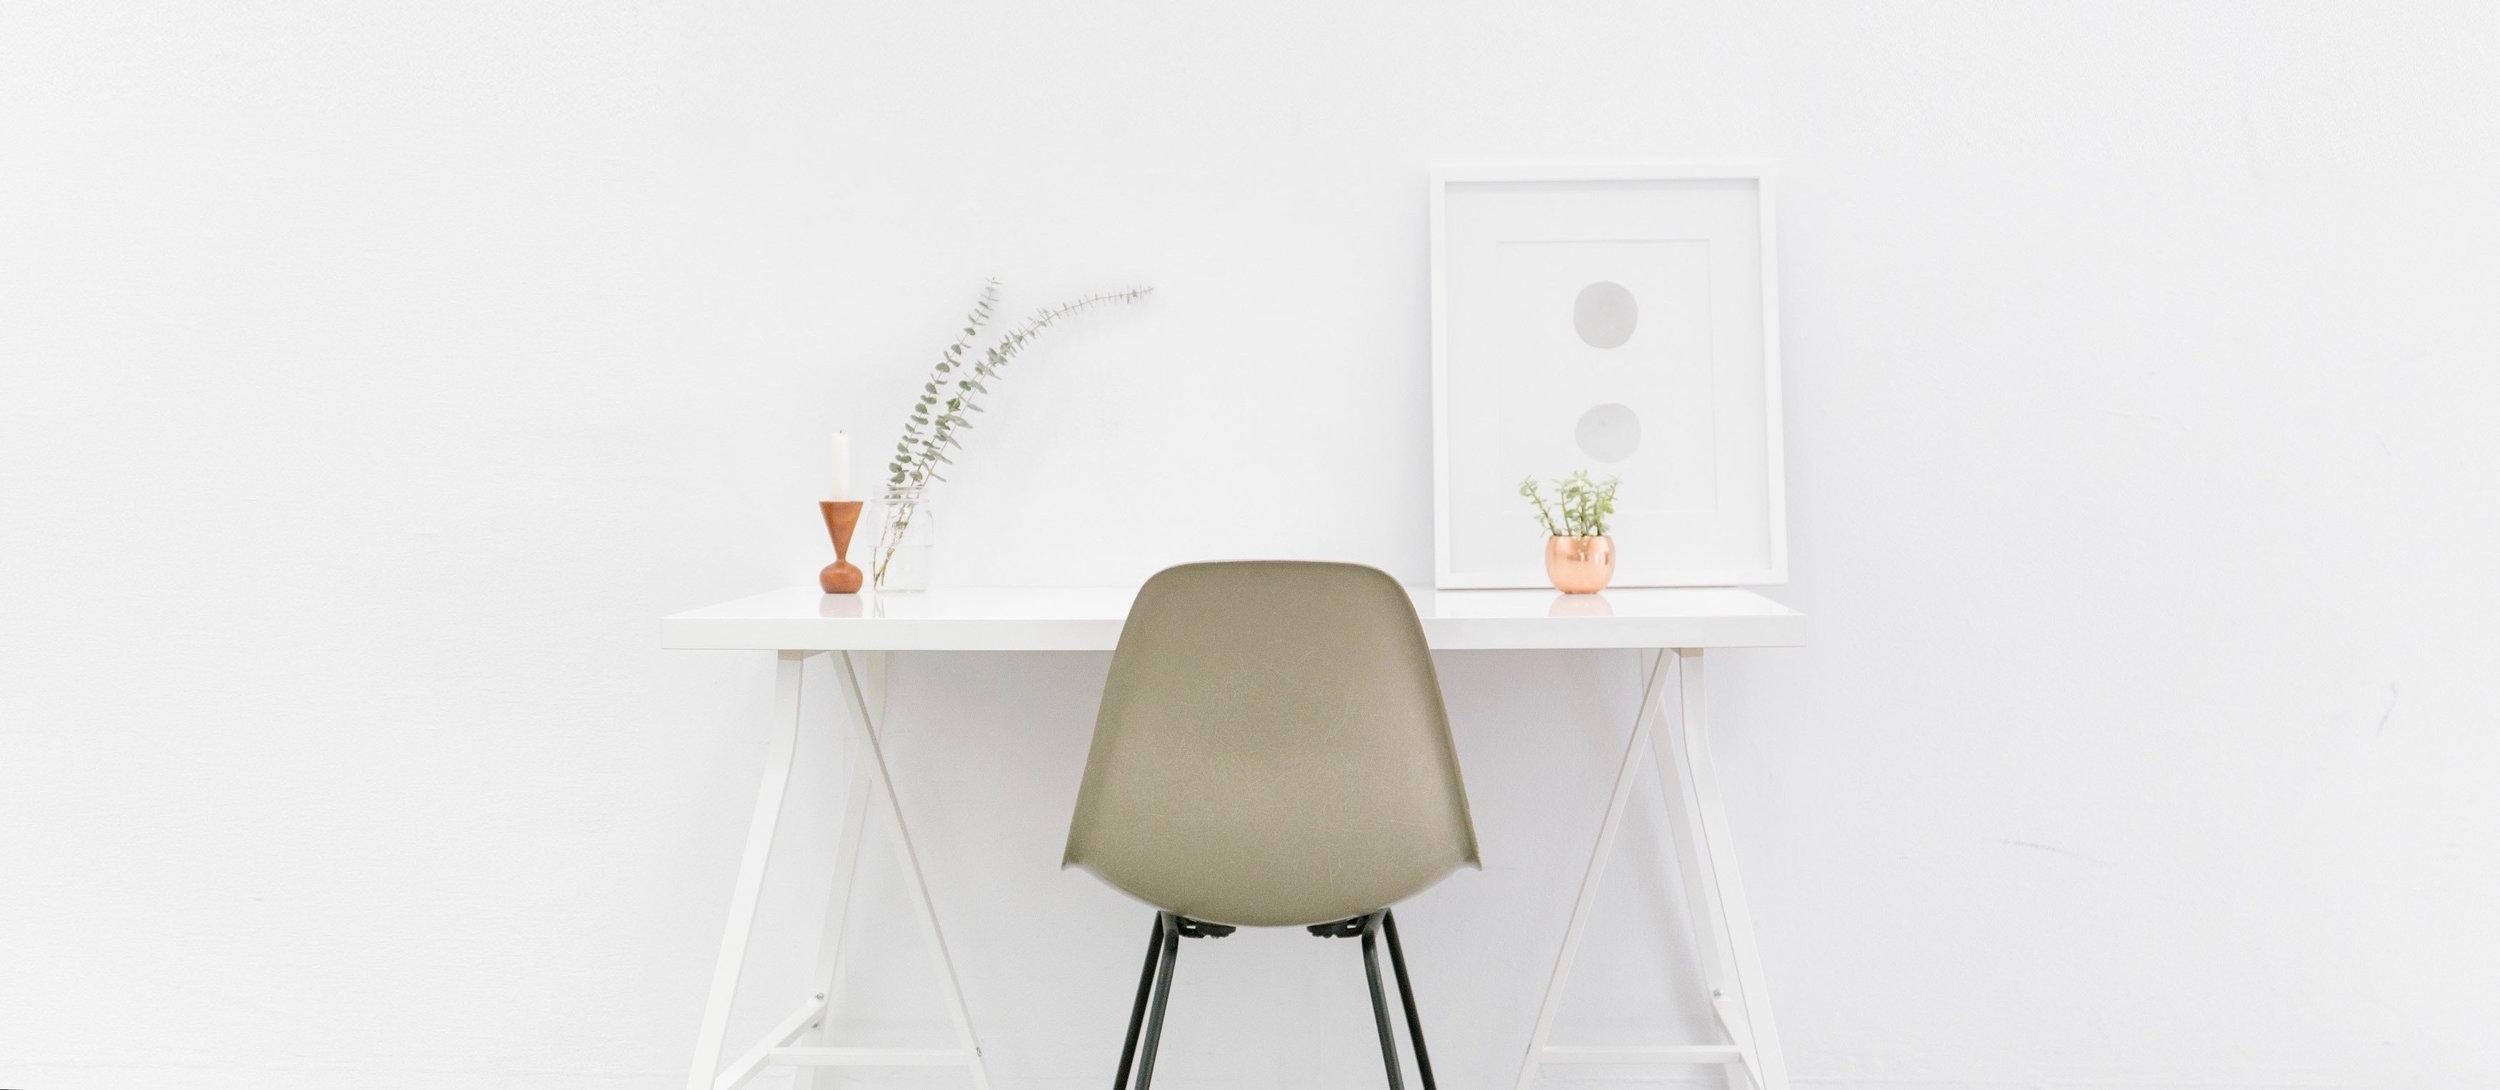 apartment-chair-contemporary-509922.jpg